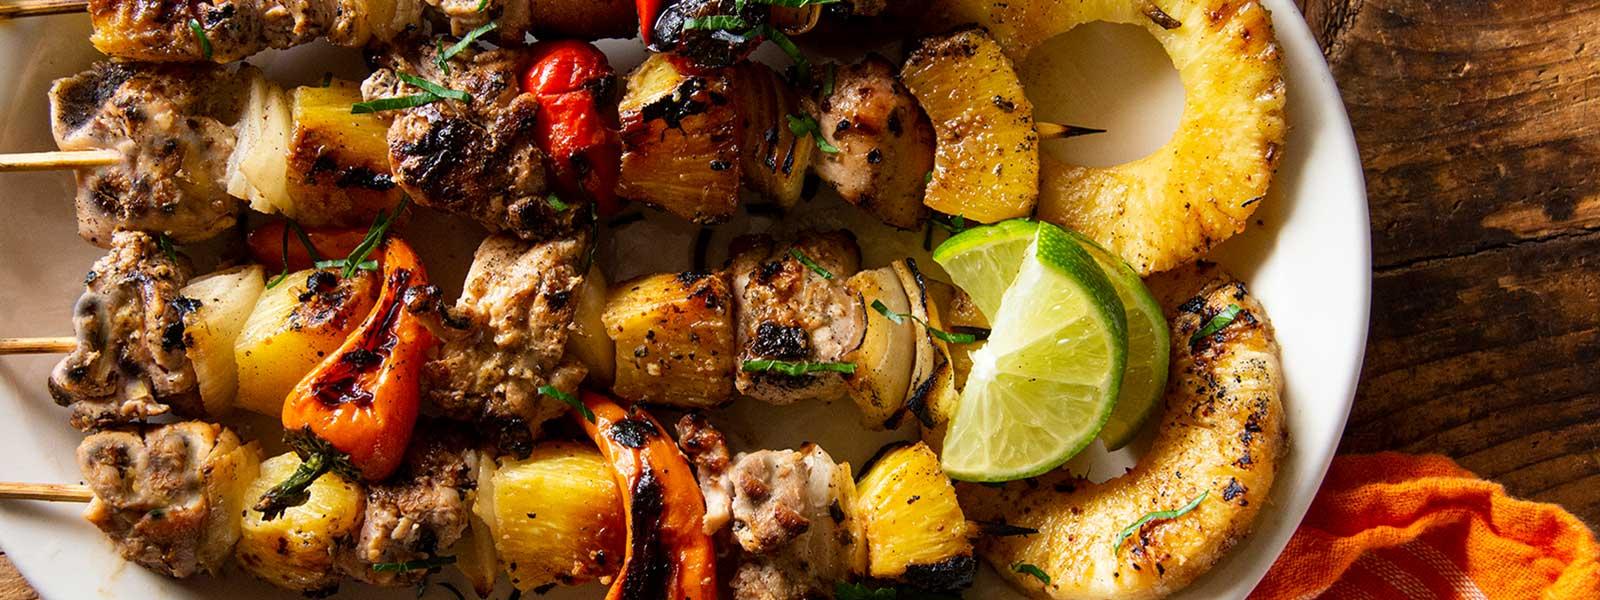 Caribbean Chicken Thigh Kebabs